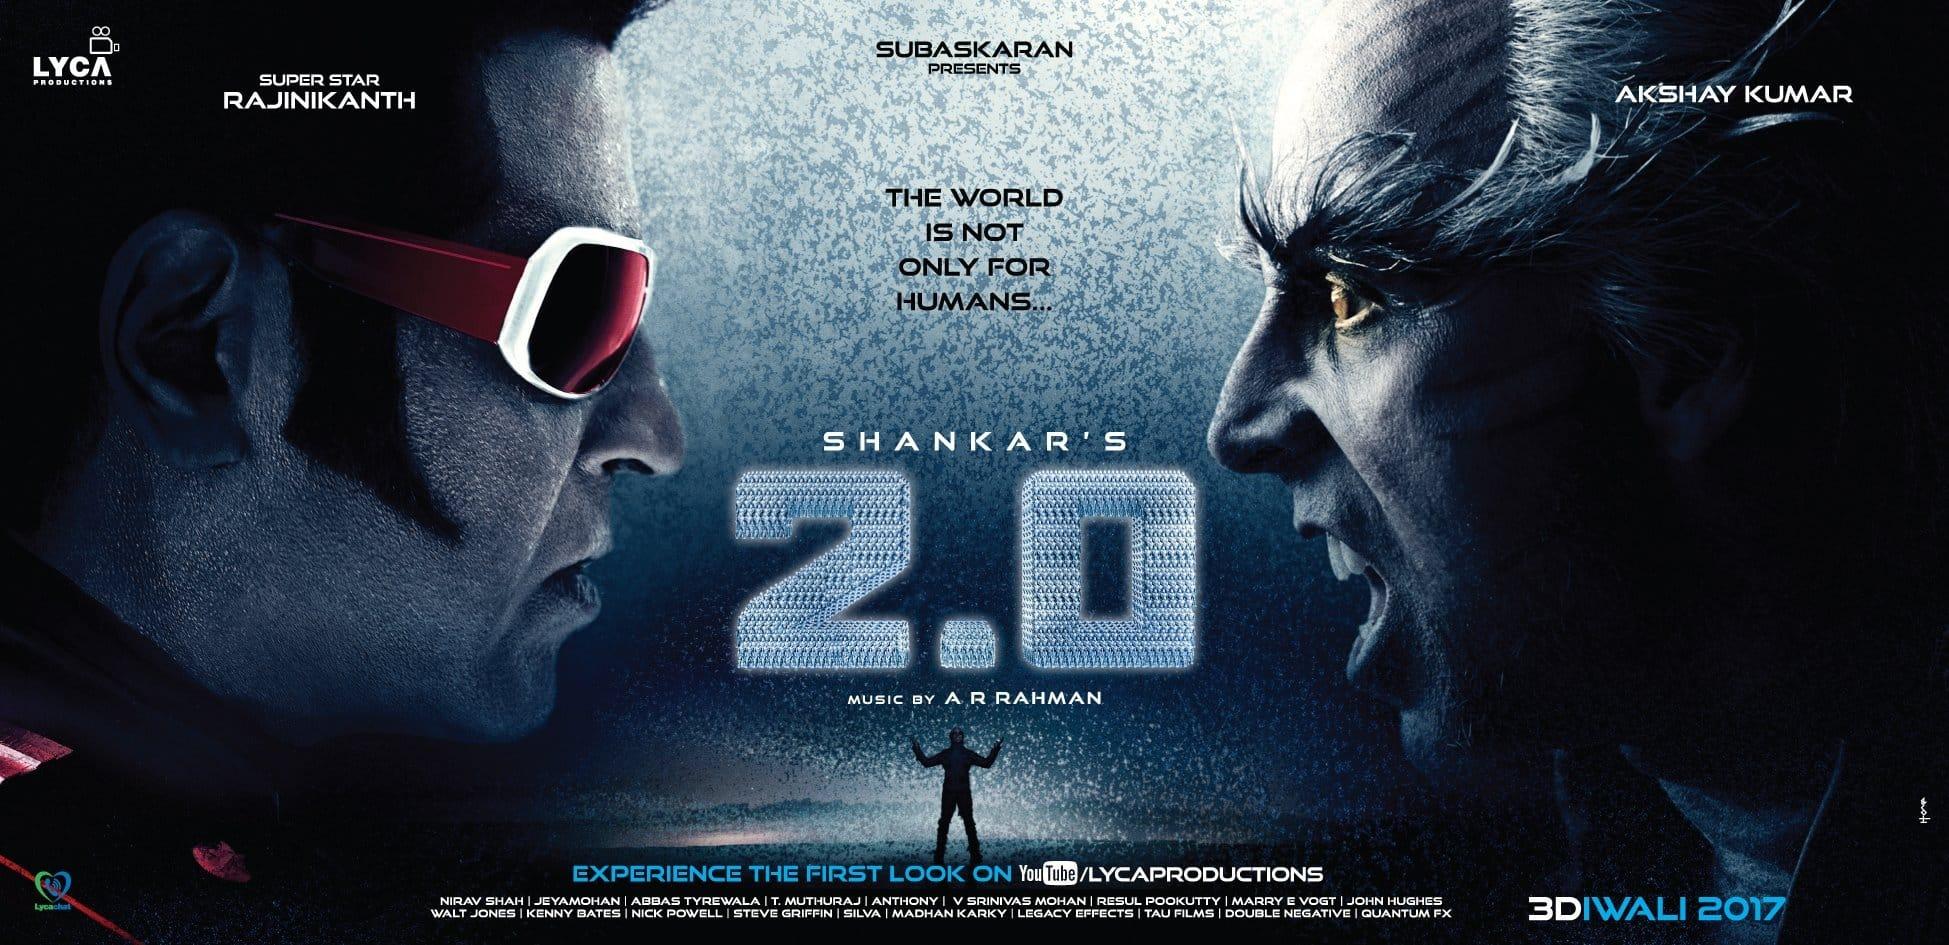 रिलीज़ से पहले अक्षय कुमार की फिल्म 2.0 ने की 110 करोड़ की कमाई !